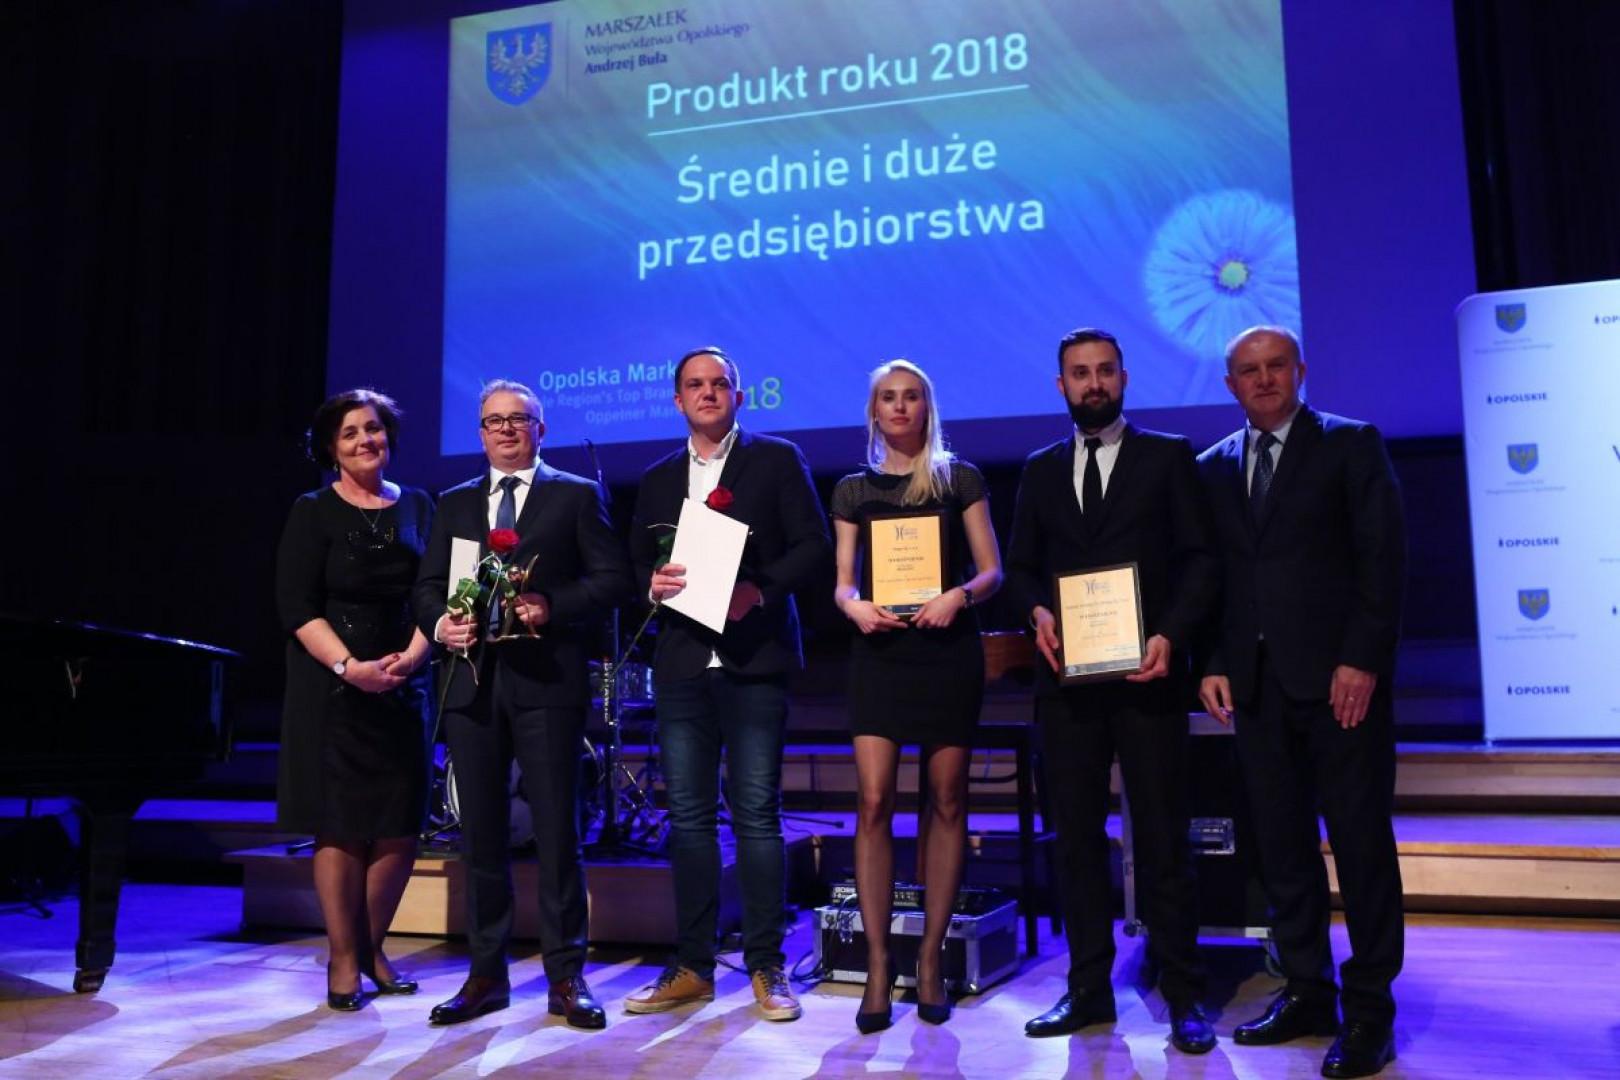 Laureaci konkursu Opolska Marka w kategorii Produkt Roku 2018. Fot. Halupczok Kuchnie i Wnętrza